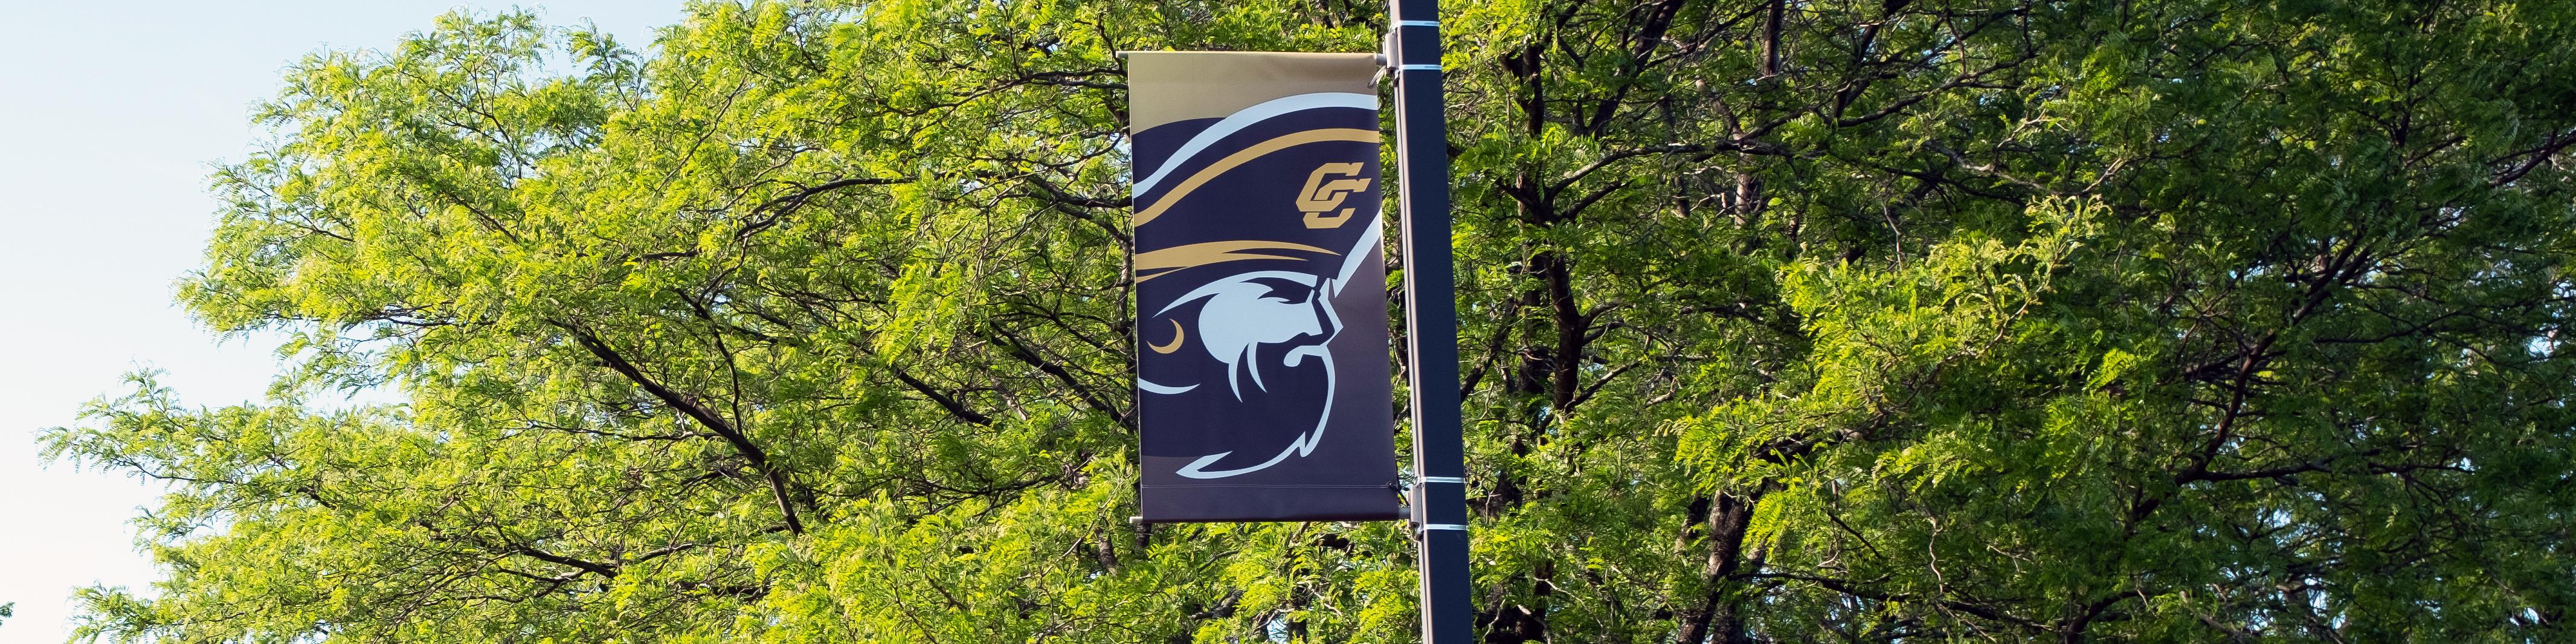 outside banner